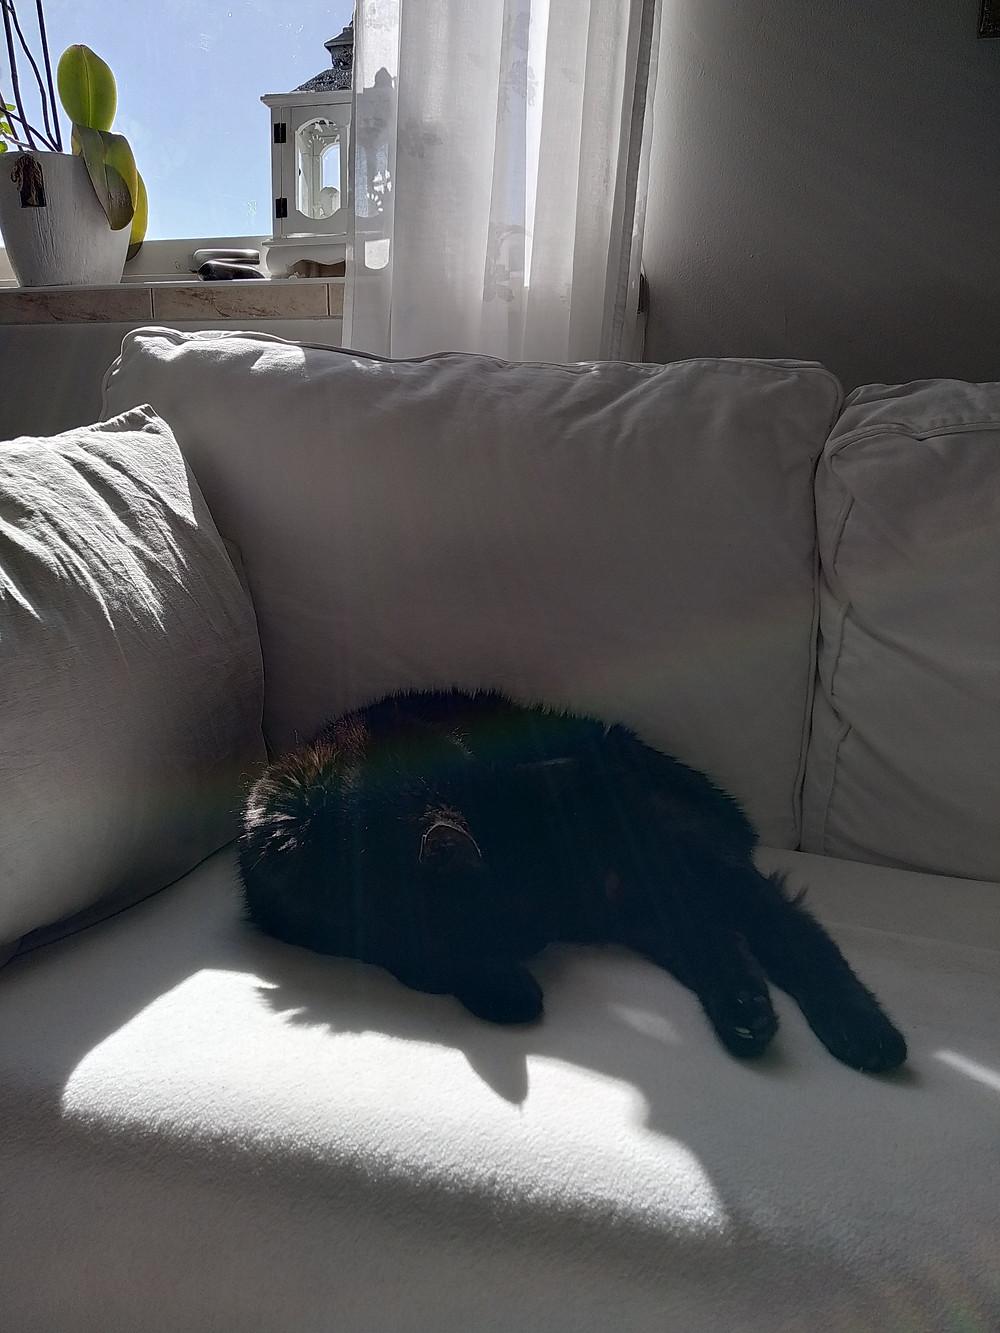 Katten Snäckan lapar sol i soffan